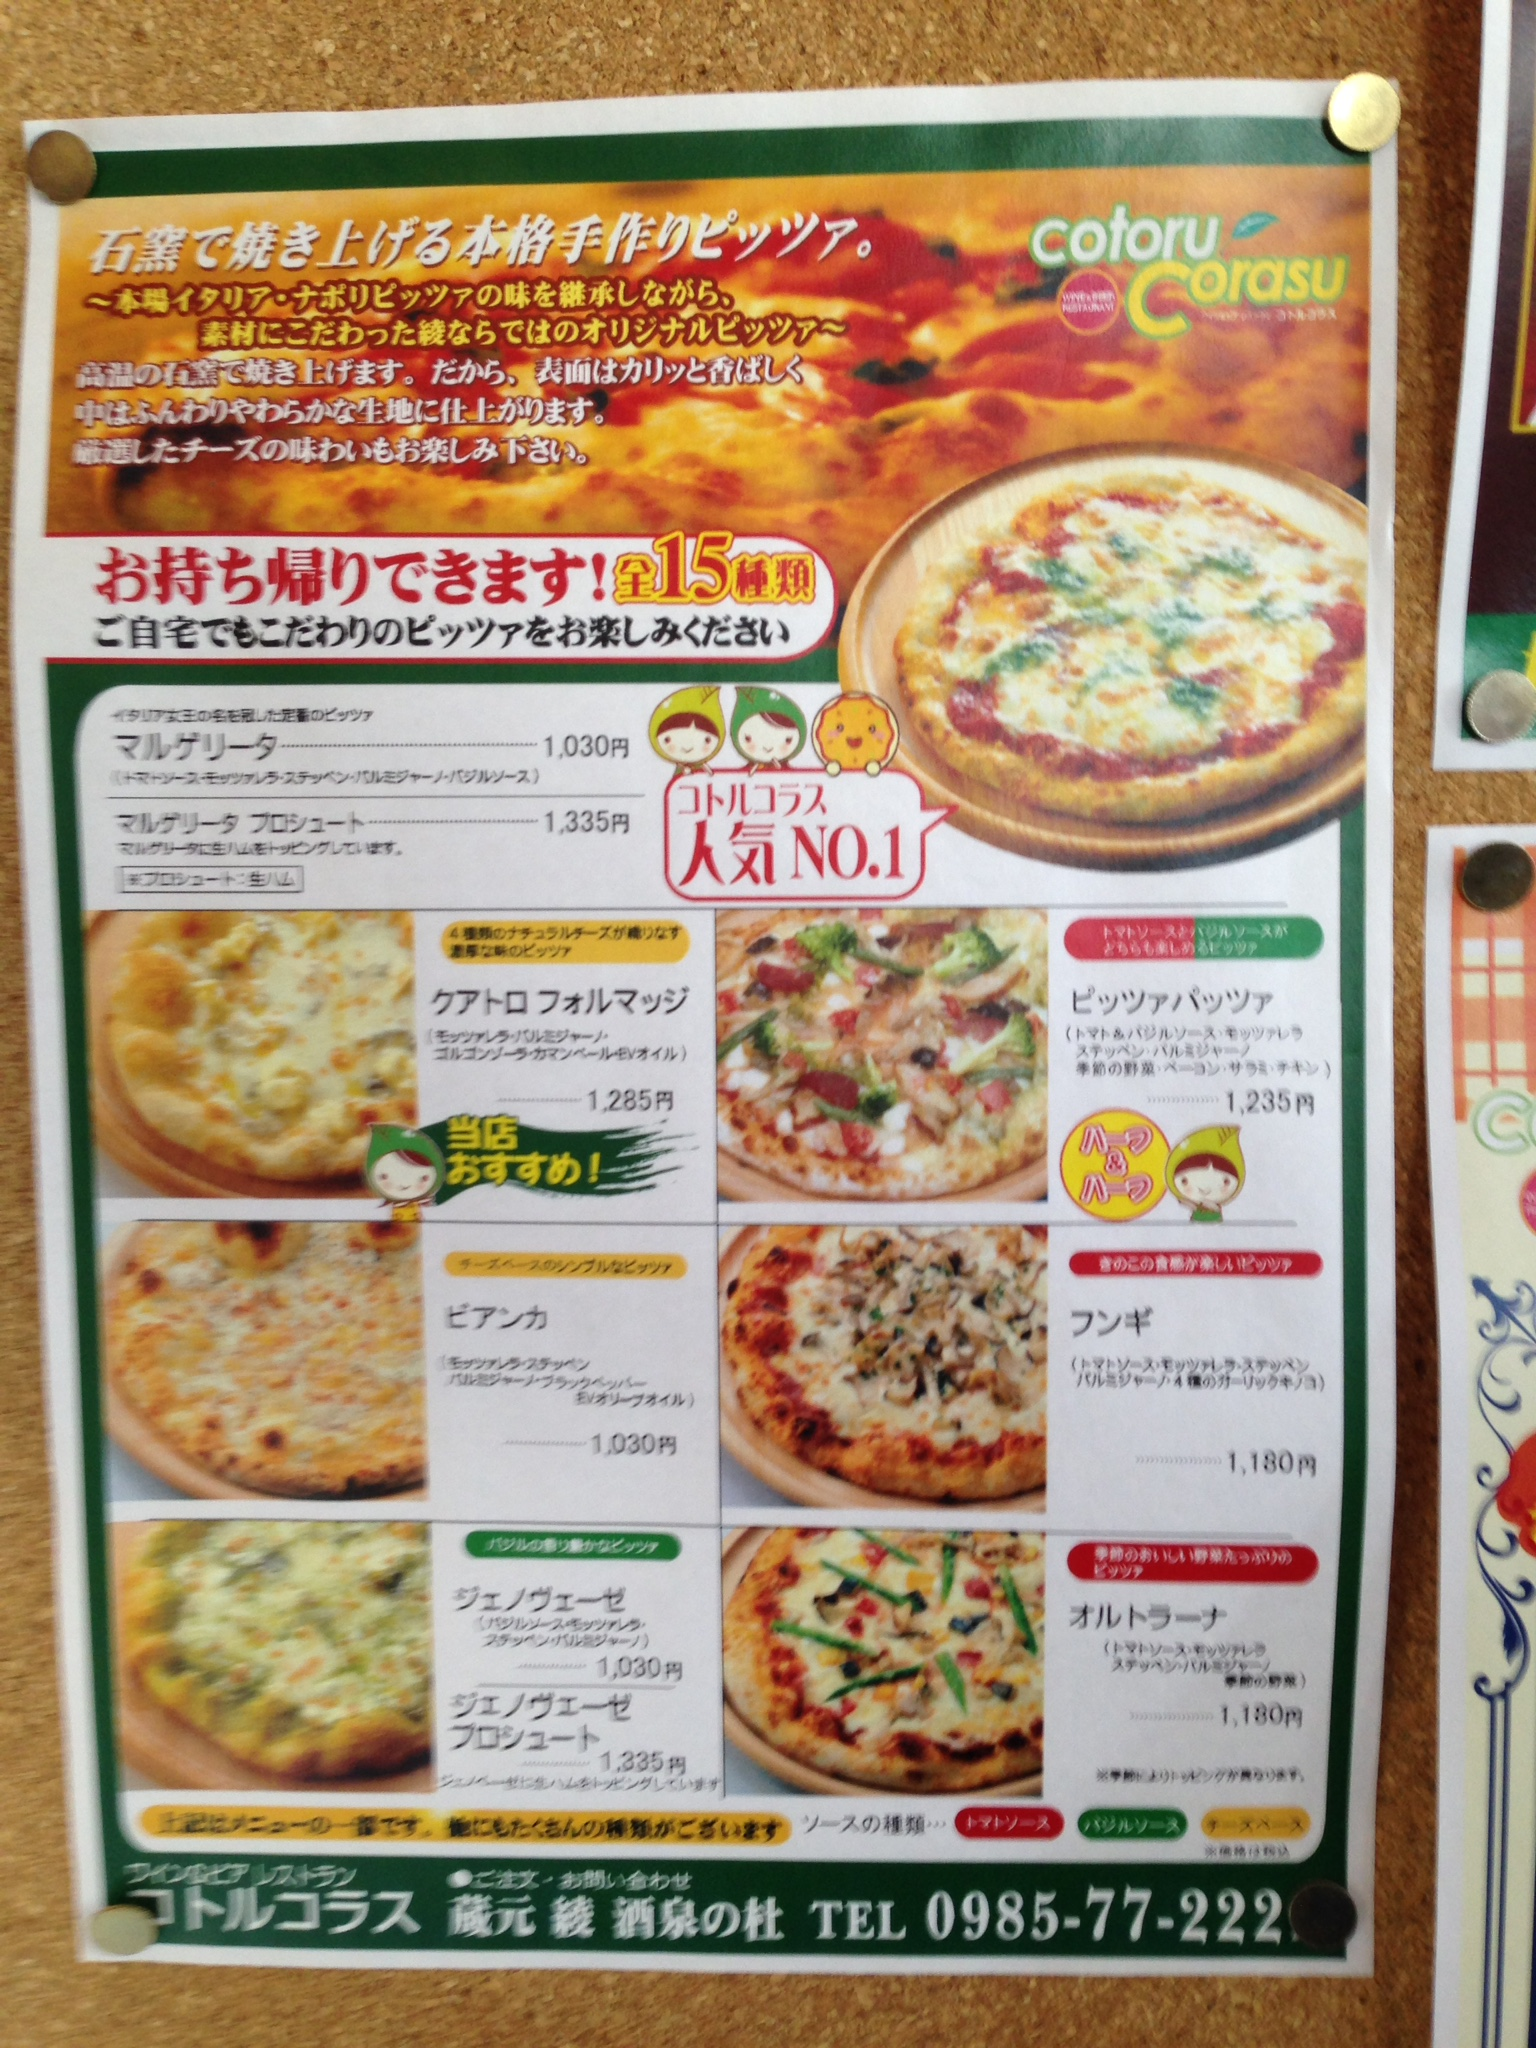 コトルコラスのピザ